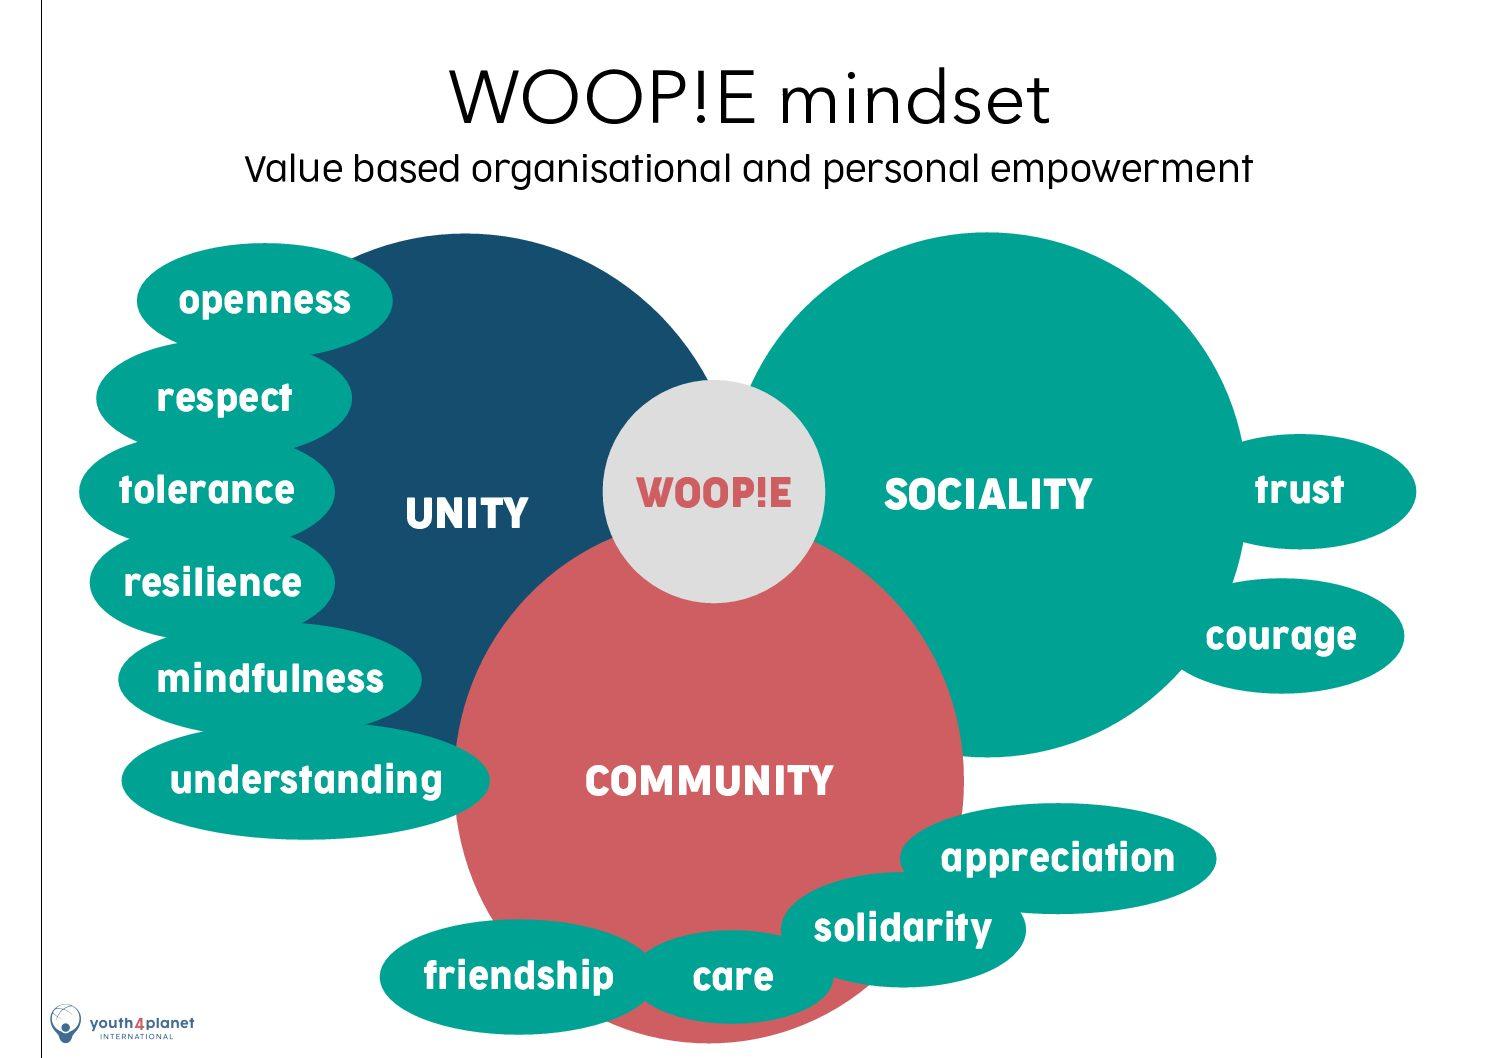 SDG Festival of Action: WOOP!E ist eingebunden